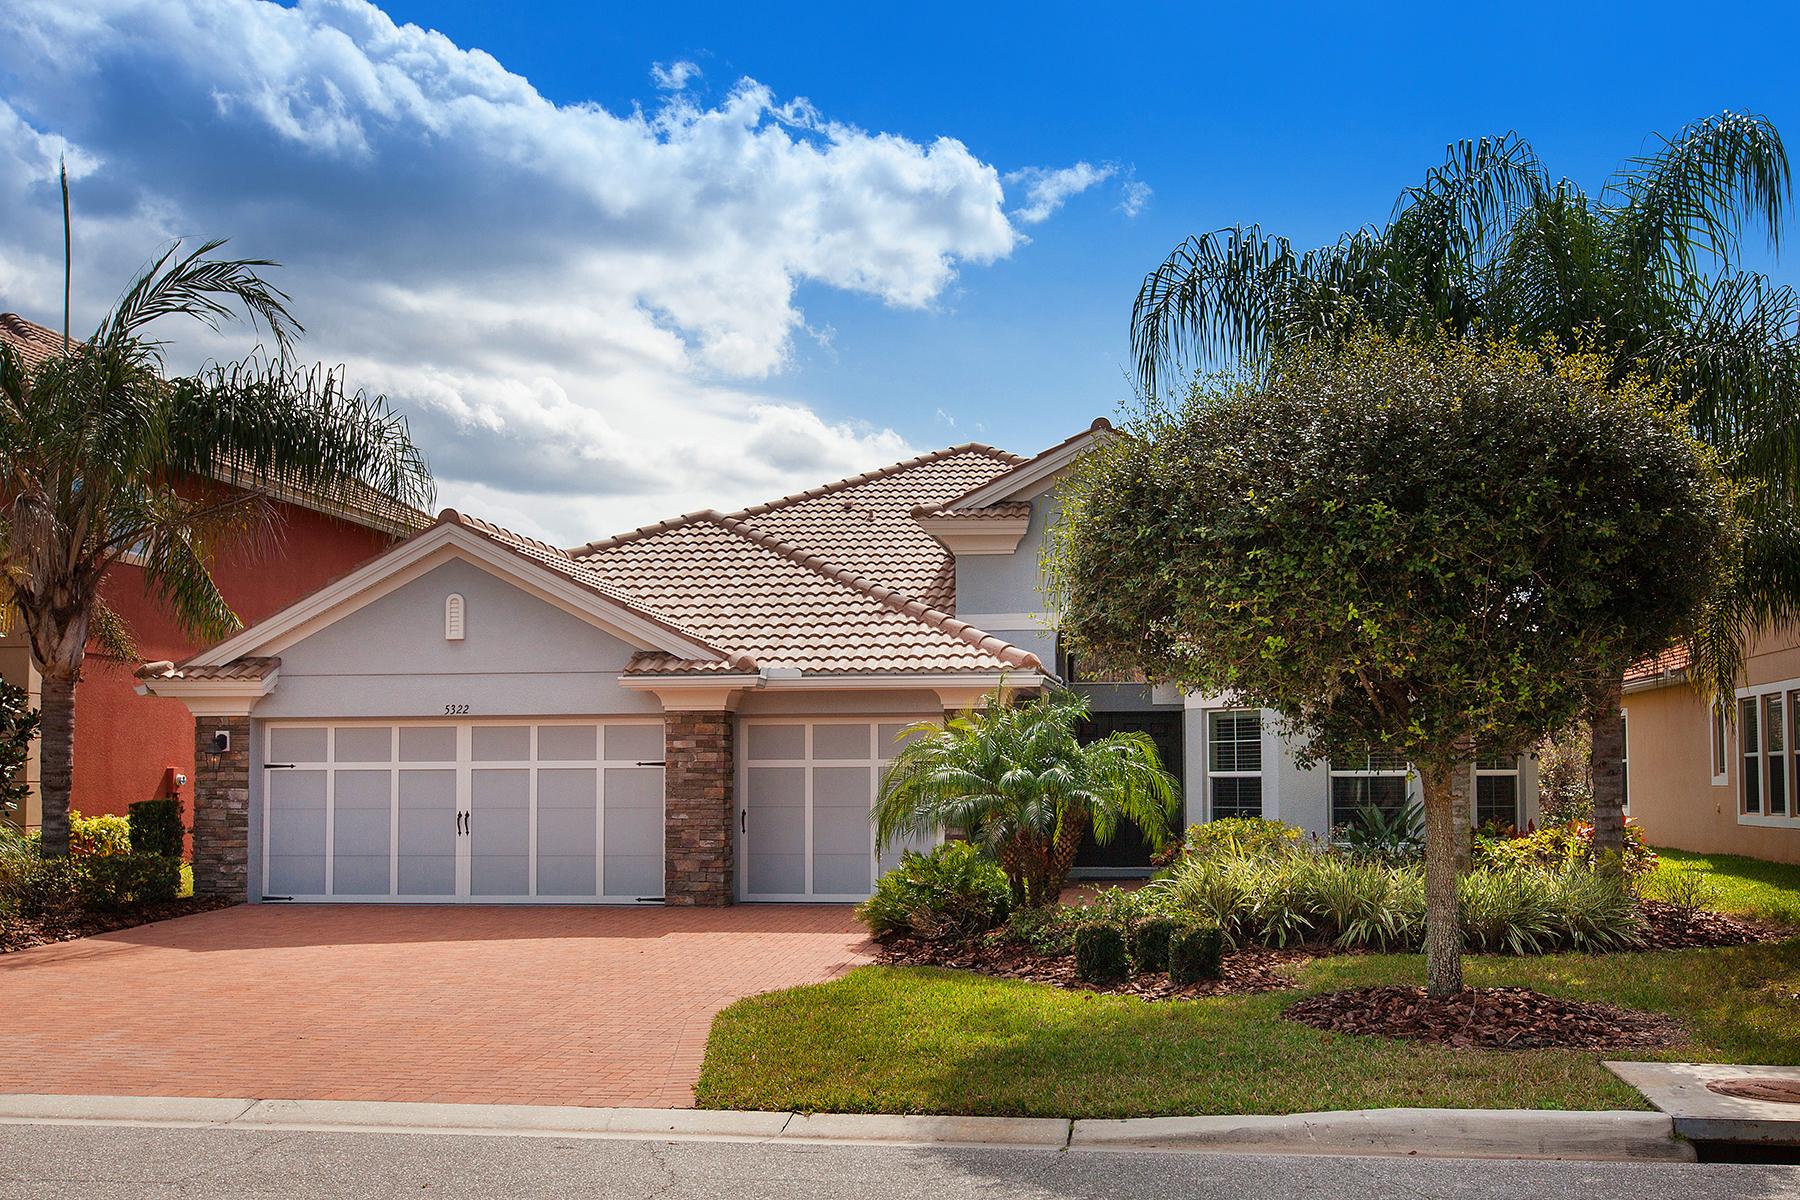 獨棟家庭住宅 為 出售 在 SARASOTA 5322 Napa Dr Sarasota, 佛羅里達州, 34243 美國